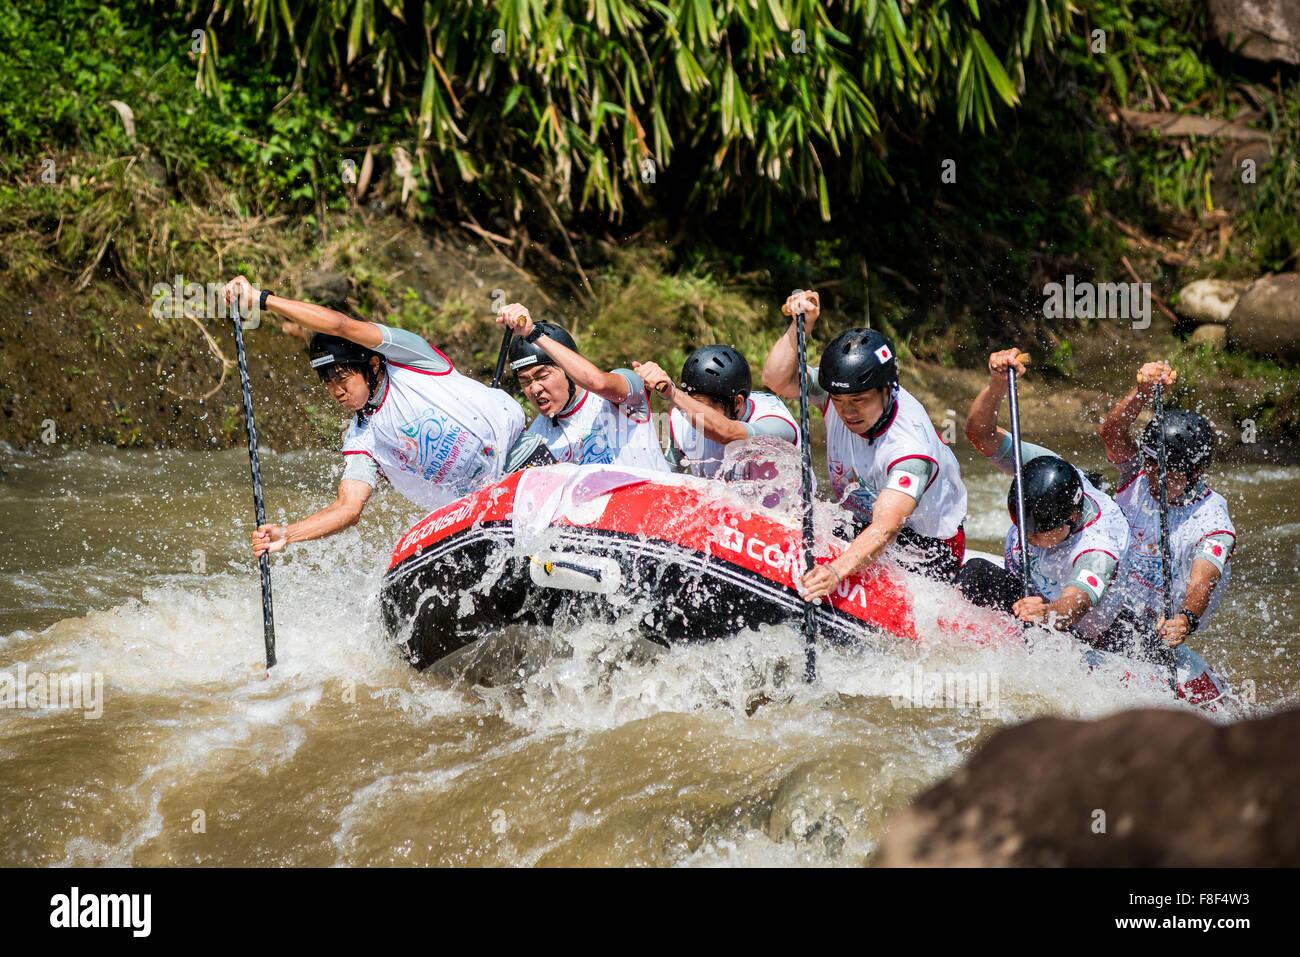 Le Japon l'équipe U23 en action dans la course de sprint catégorie au cours de l'année 2015, Photo Stock